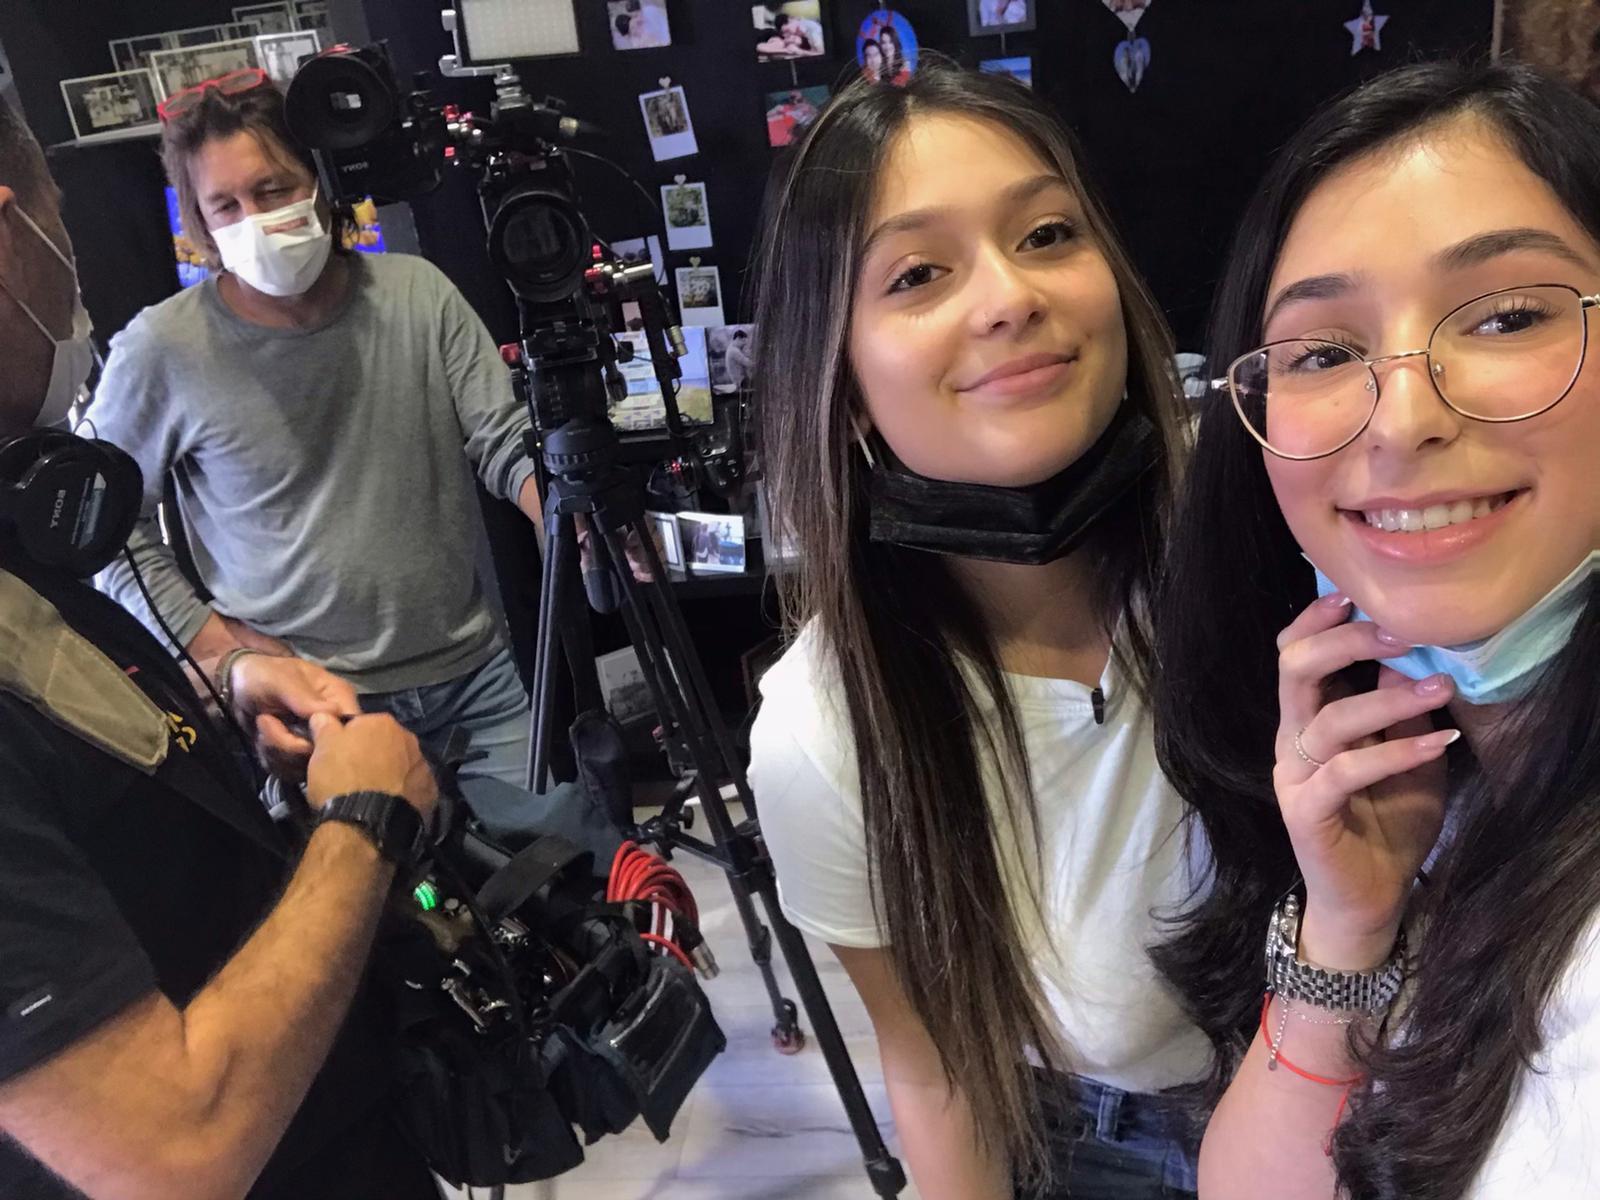 עם צוות הצילום